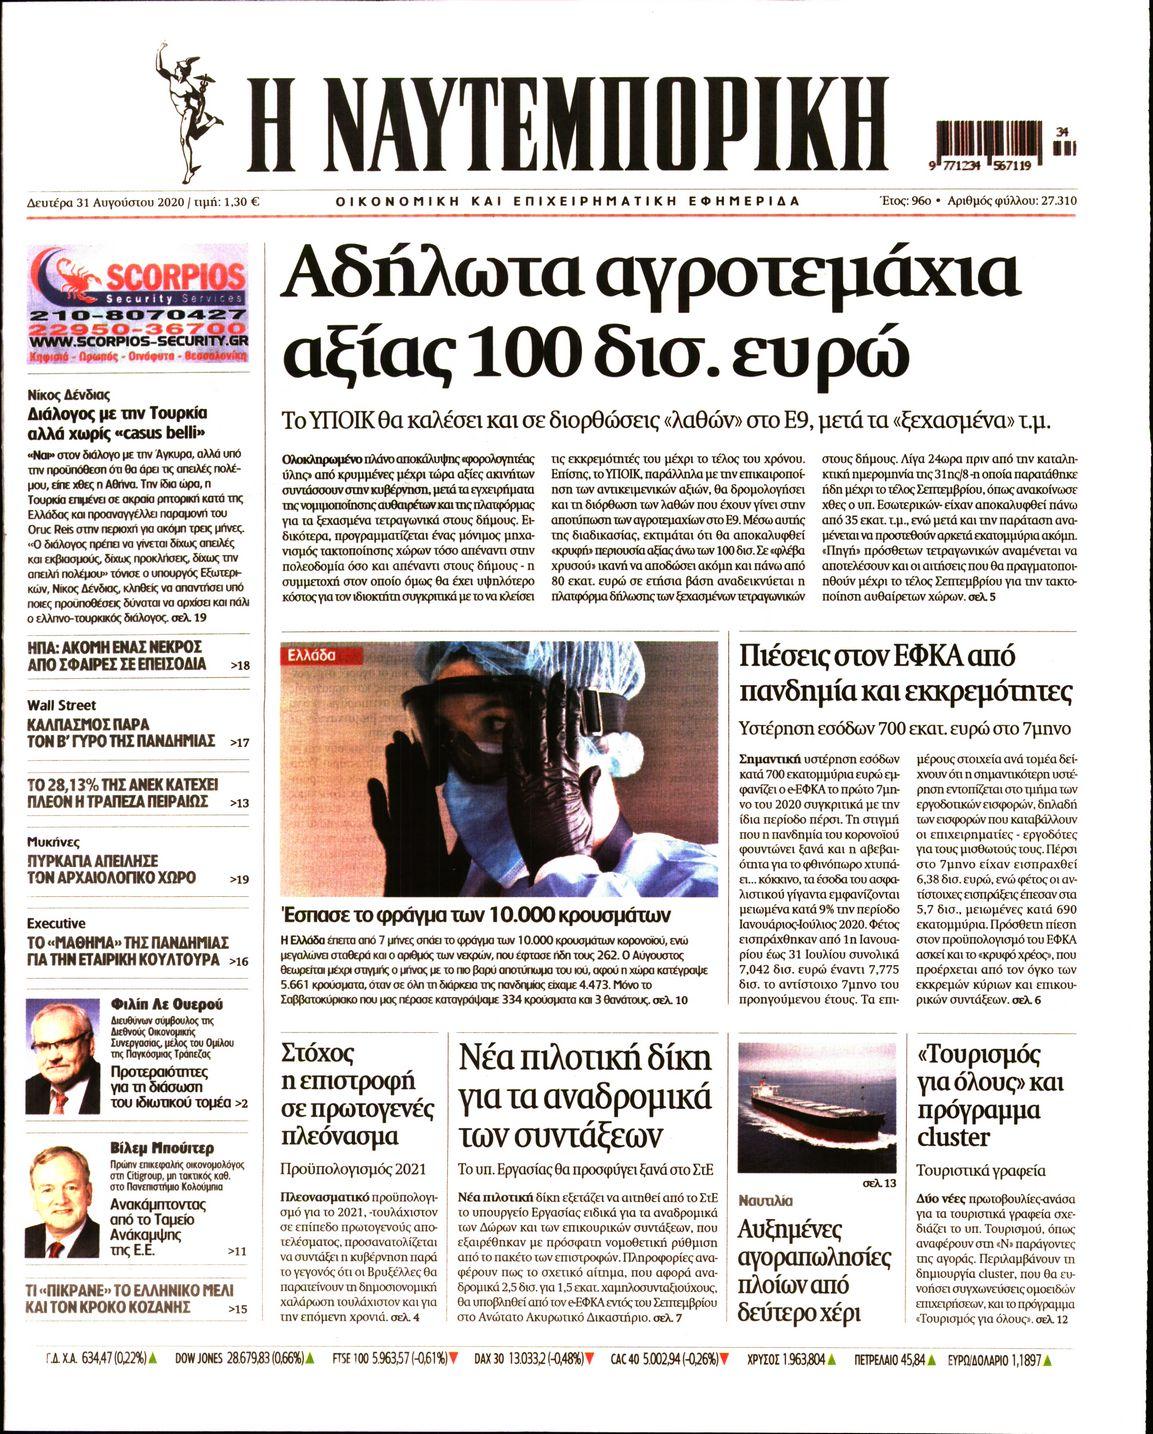 https://www.newsbeast.gr/files/1/newspapers/2020/08/31/27374349_21.jpg